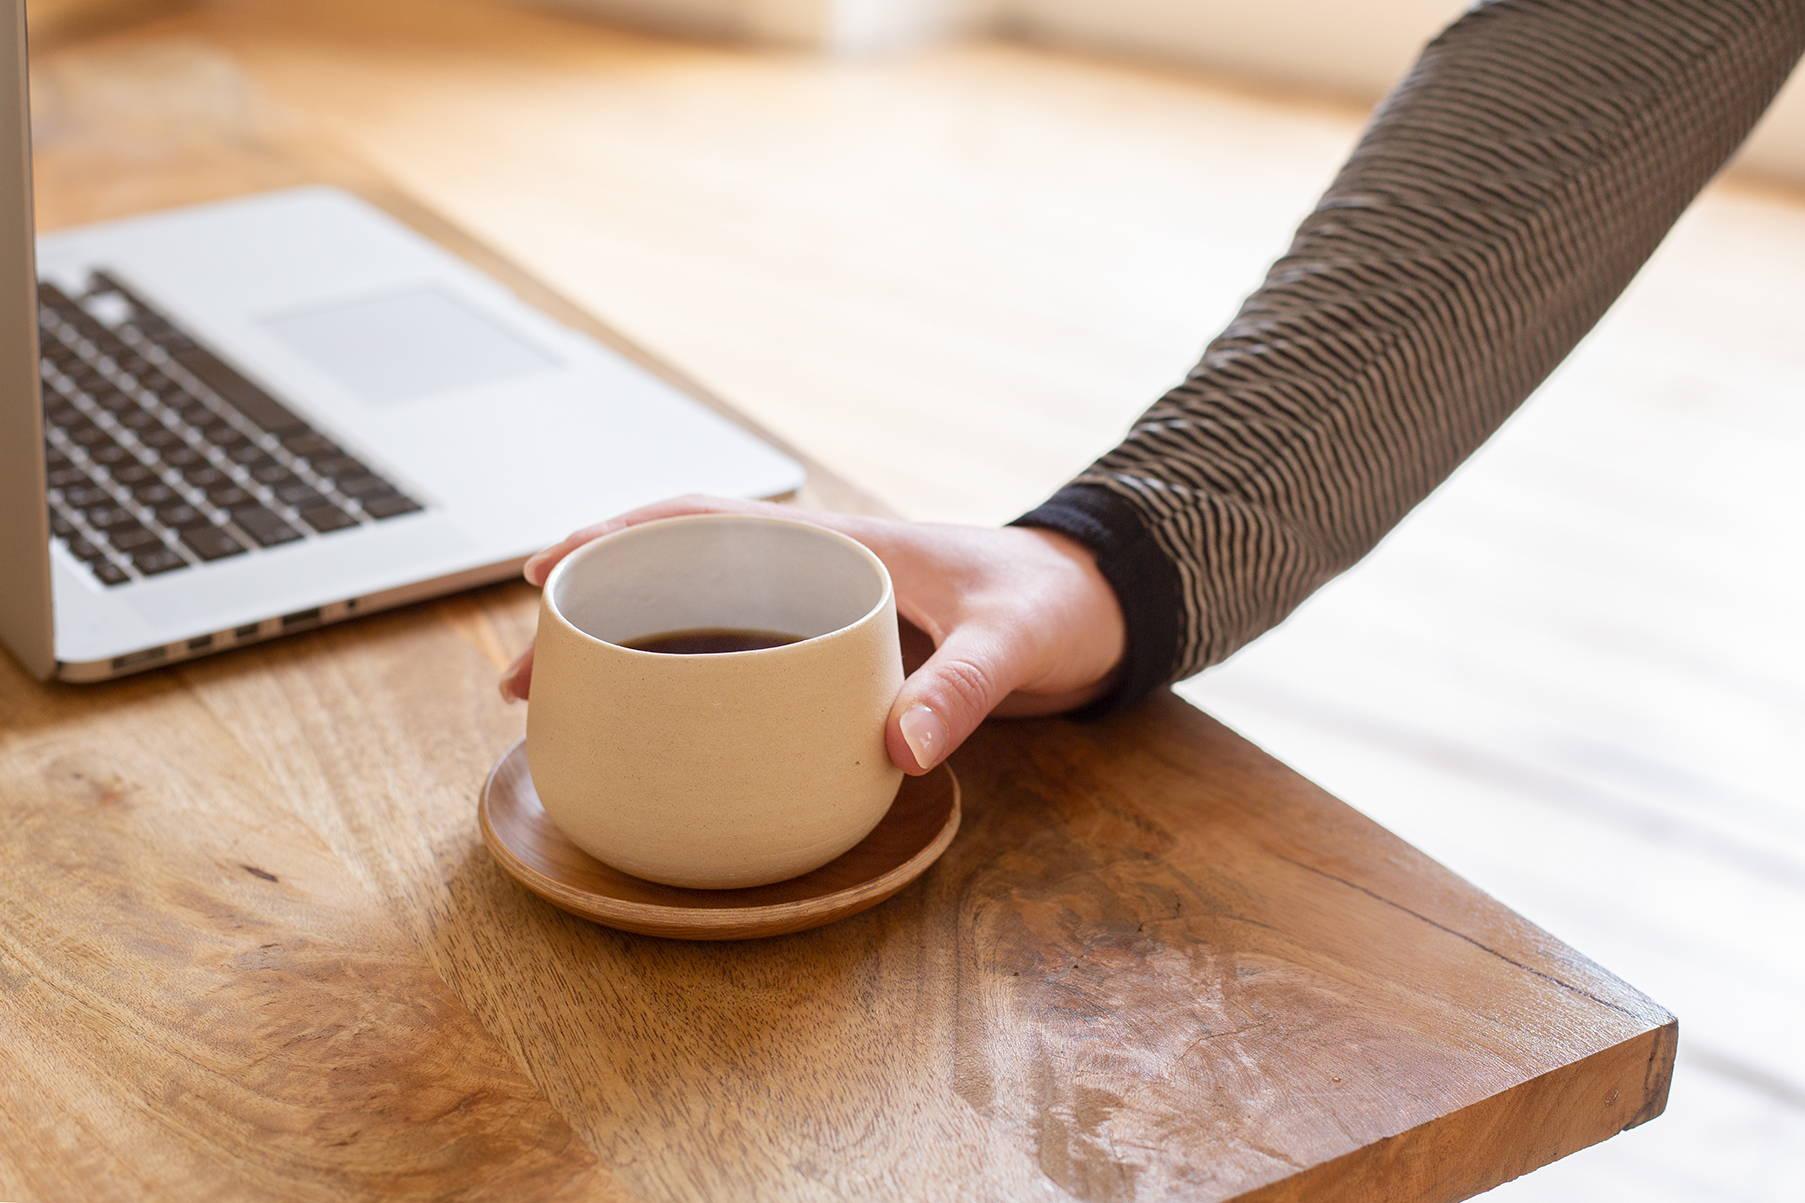 Vorteile von Kaffeeverzicht